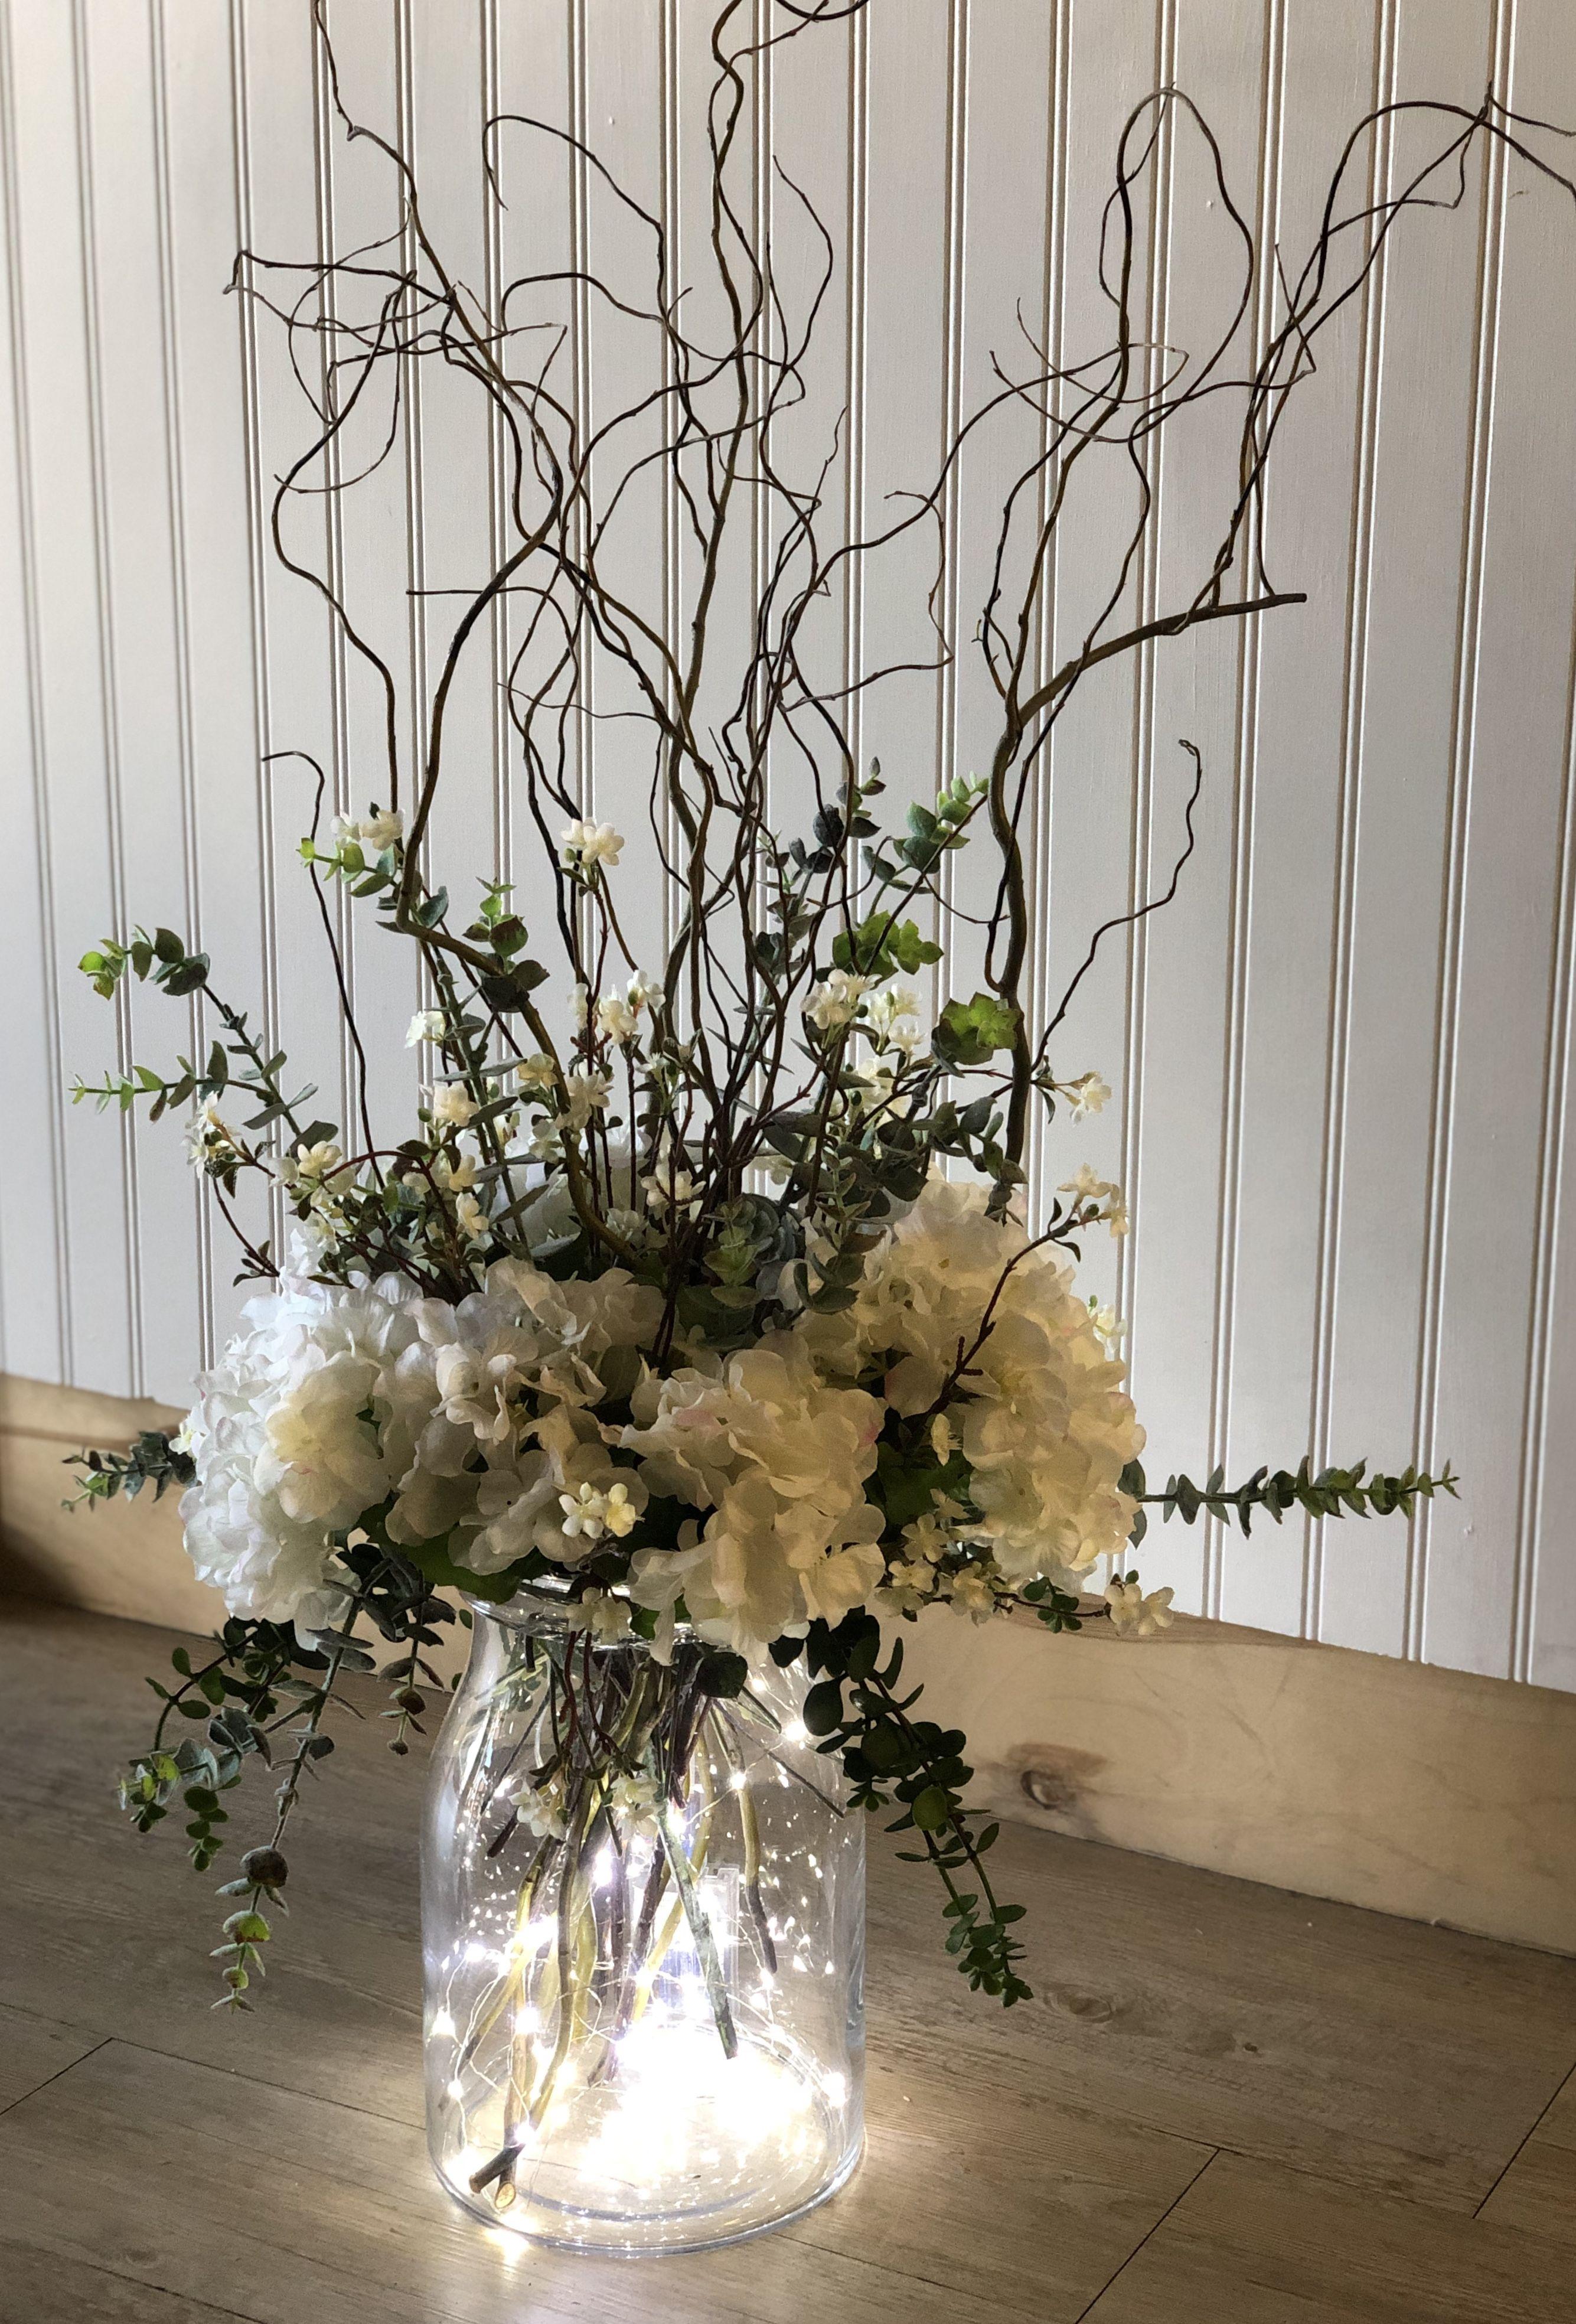 Faux Hydrangeas Wedding Centerpiece In 2020 Hydrangea Centerpiece Wedding Hydrangeas Wedding Curly Willow Centerpieces